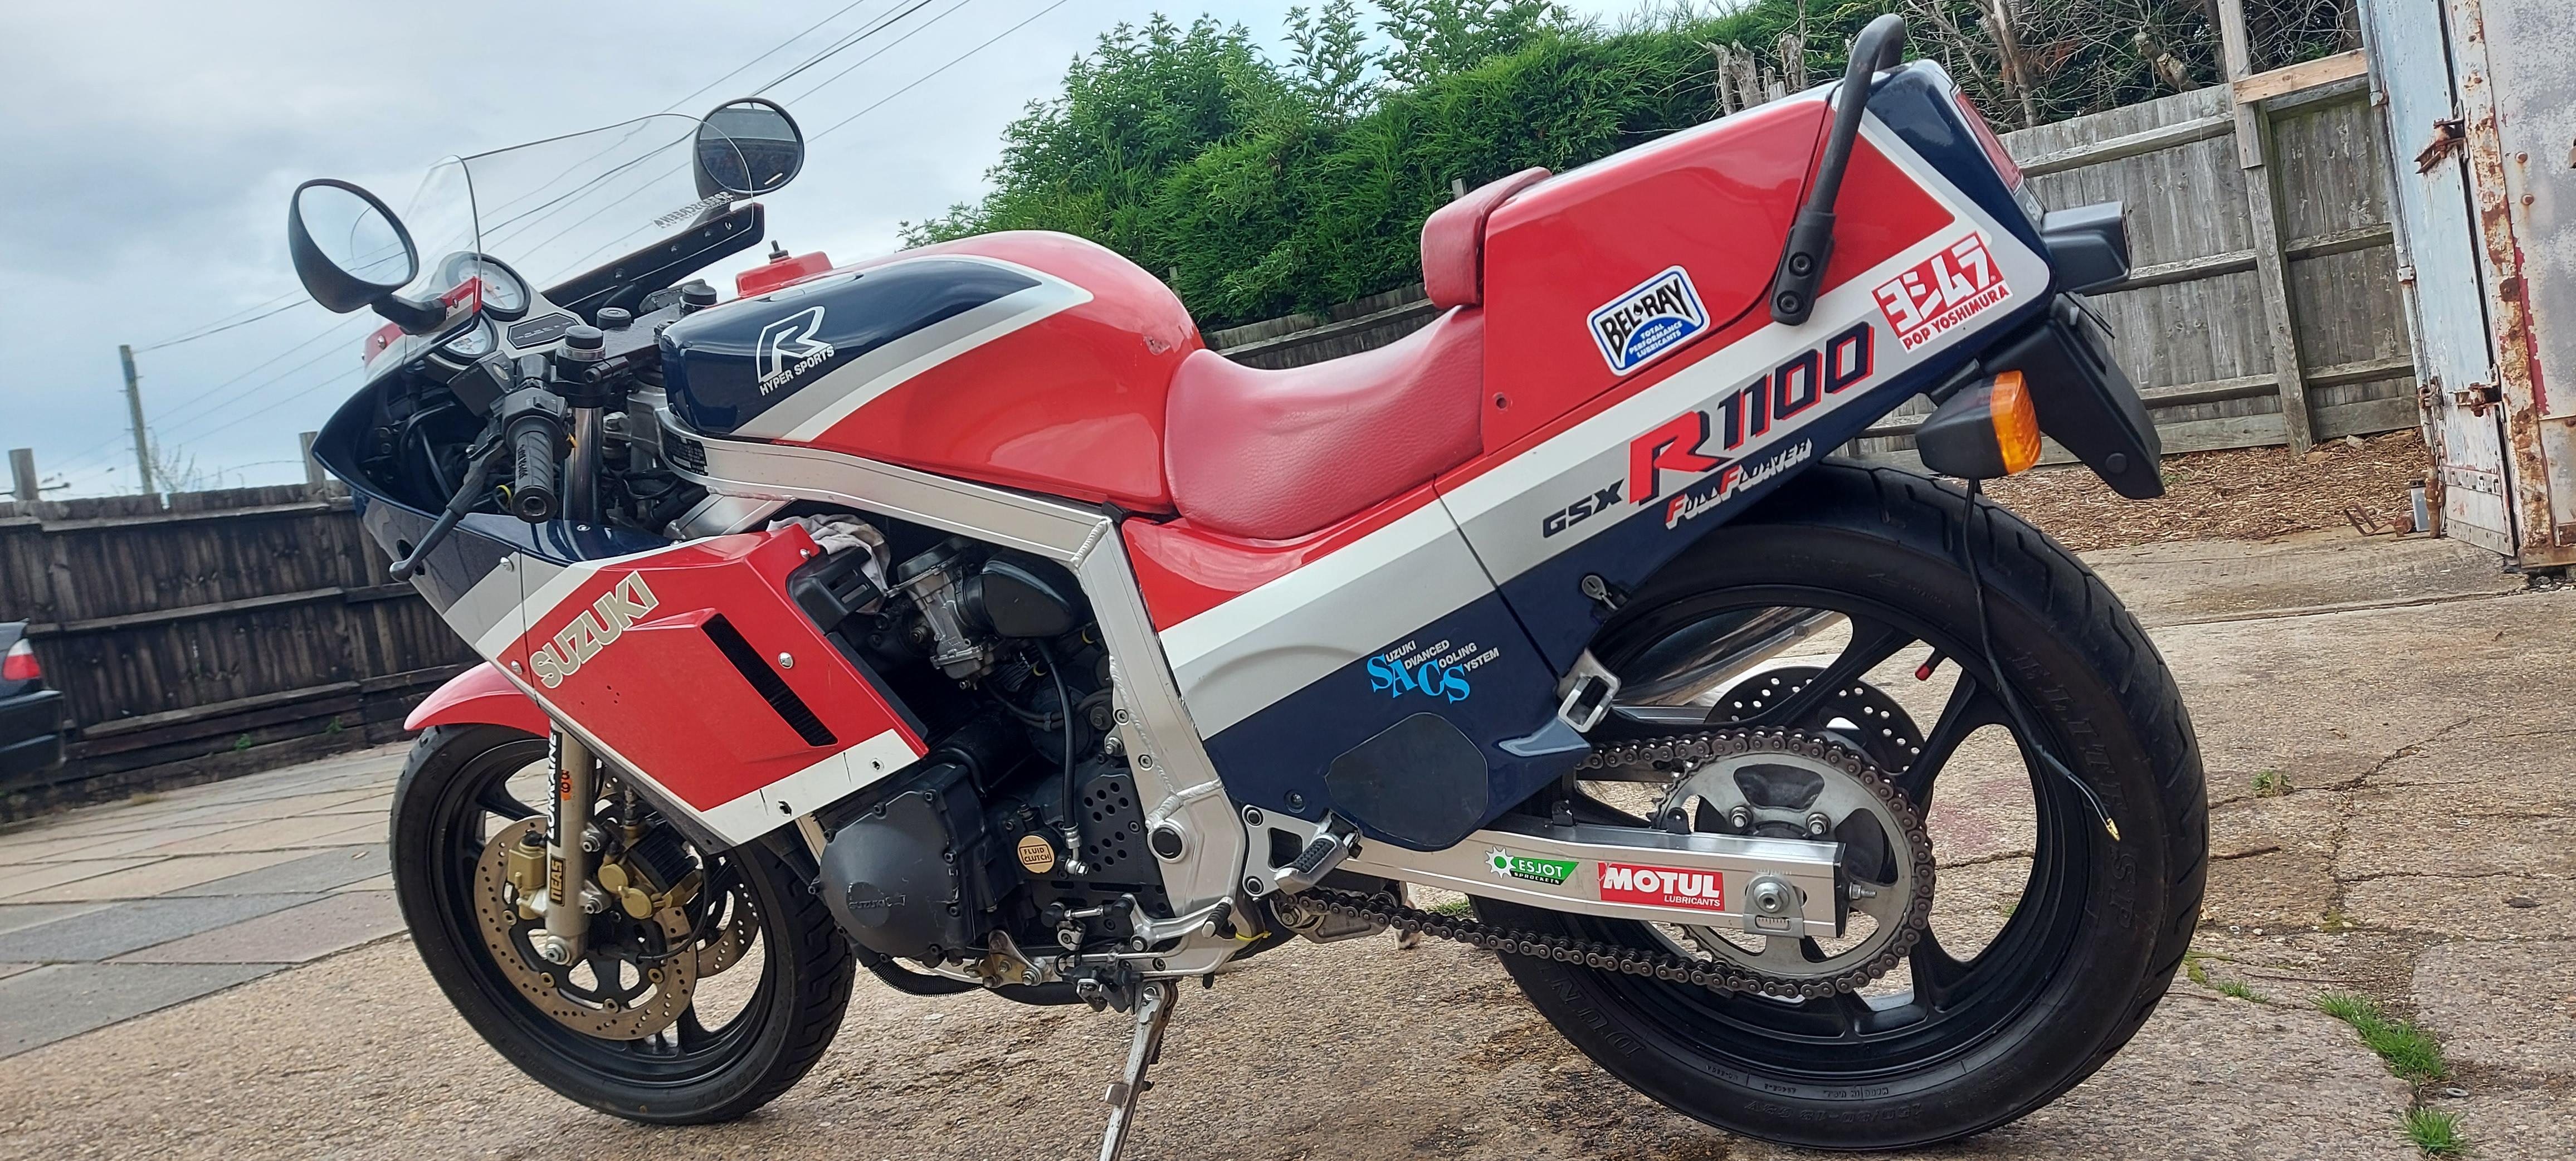 1986 Suzuki GSX-R1100 Slabside